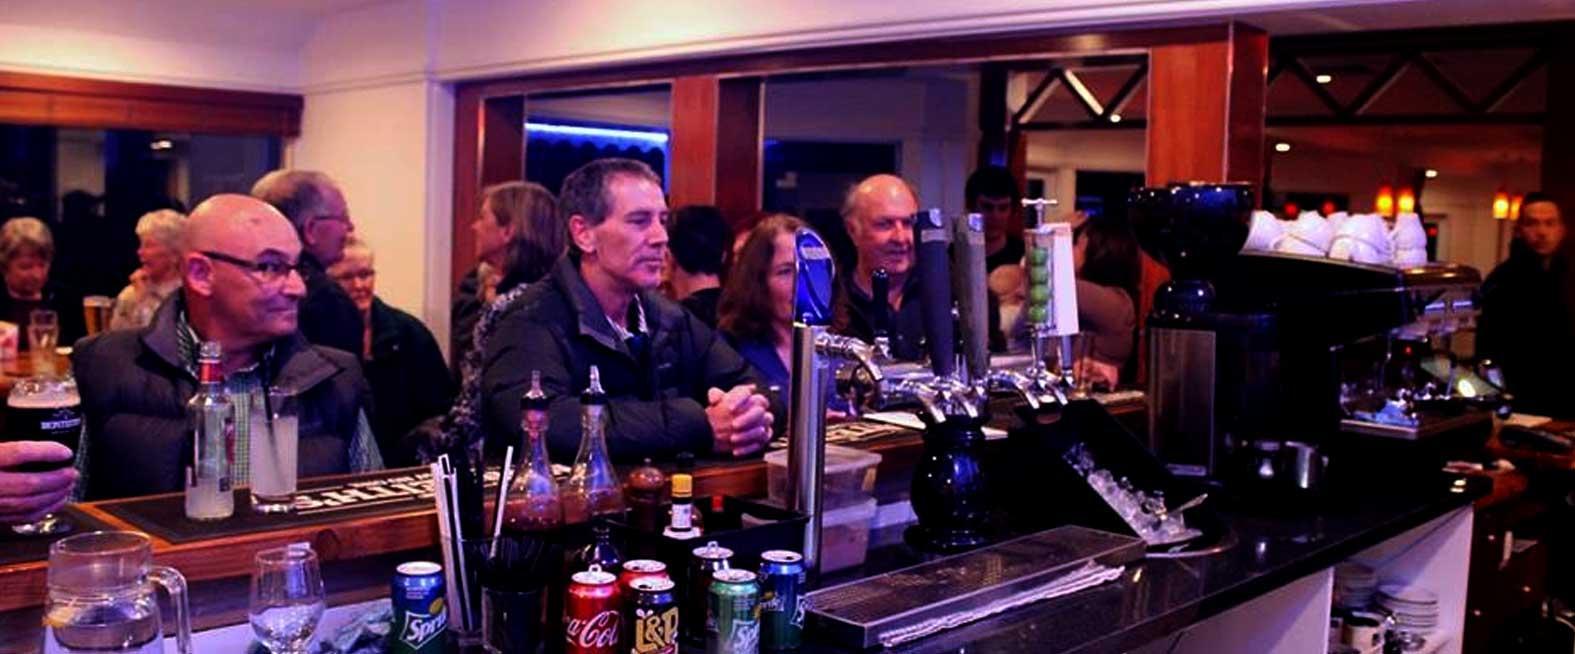 Drift Cafe, Restaurant & Bar, Napier